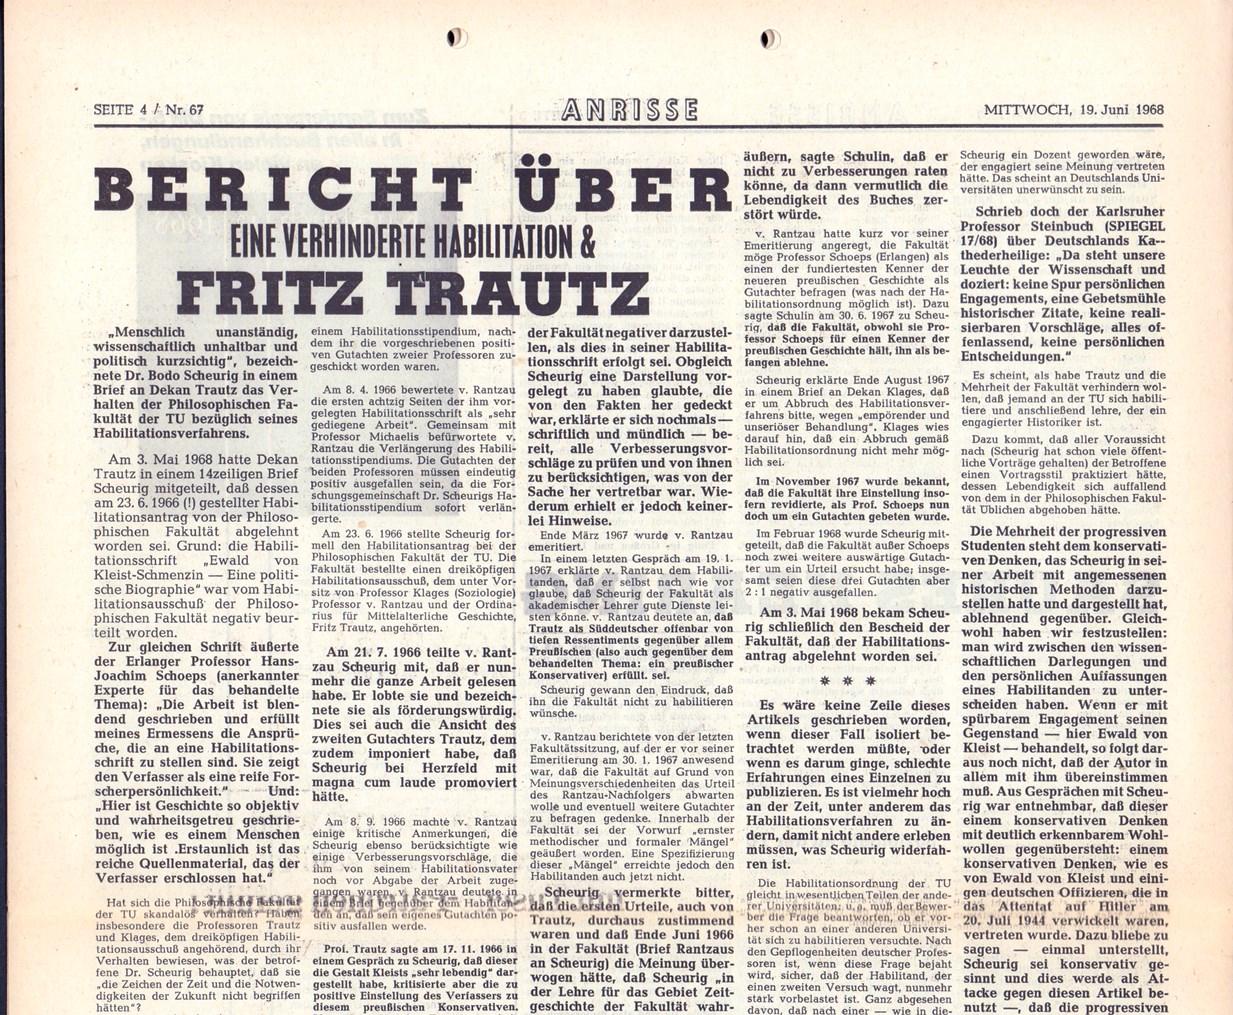 Berlin_TU_Anrisse031